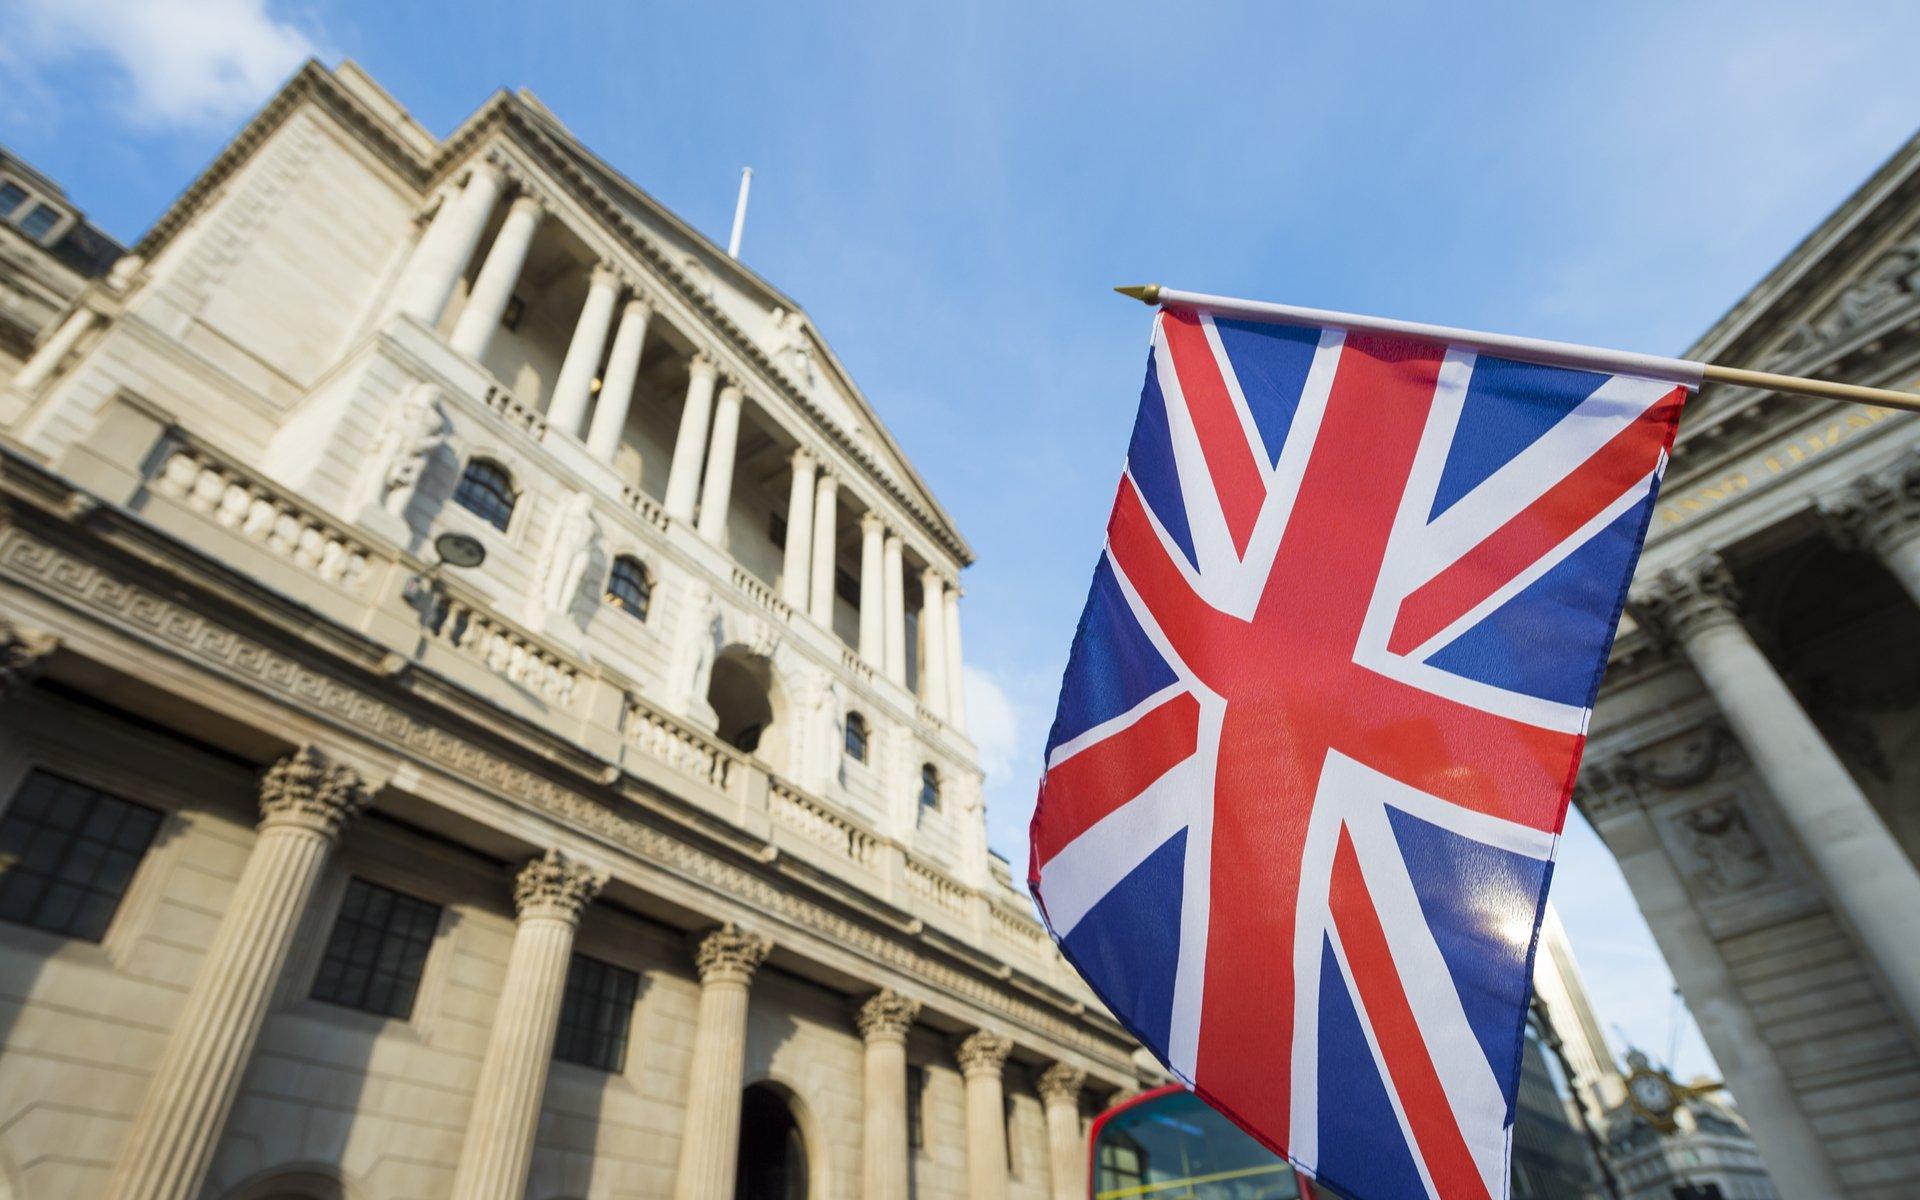 Bancos del Reino Unido